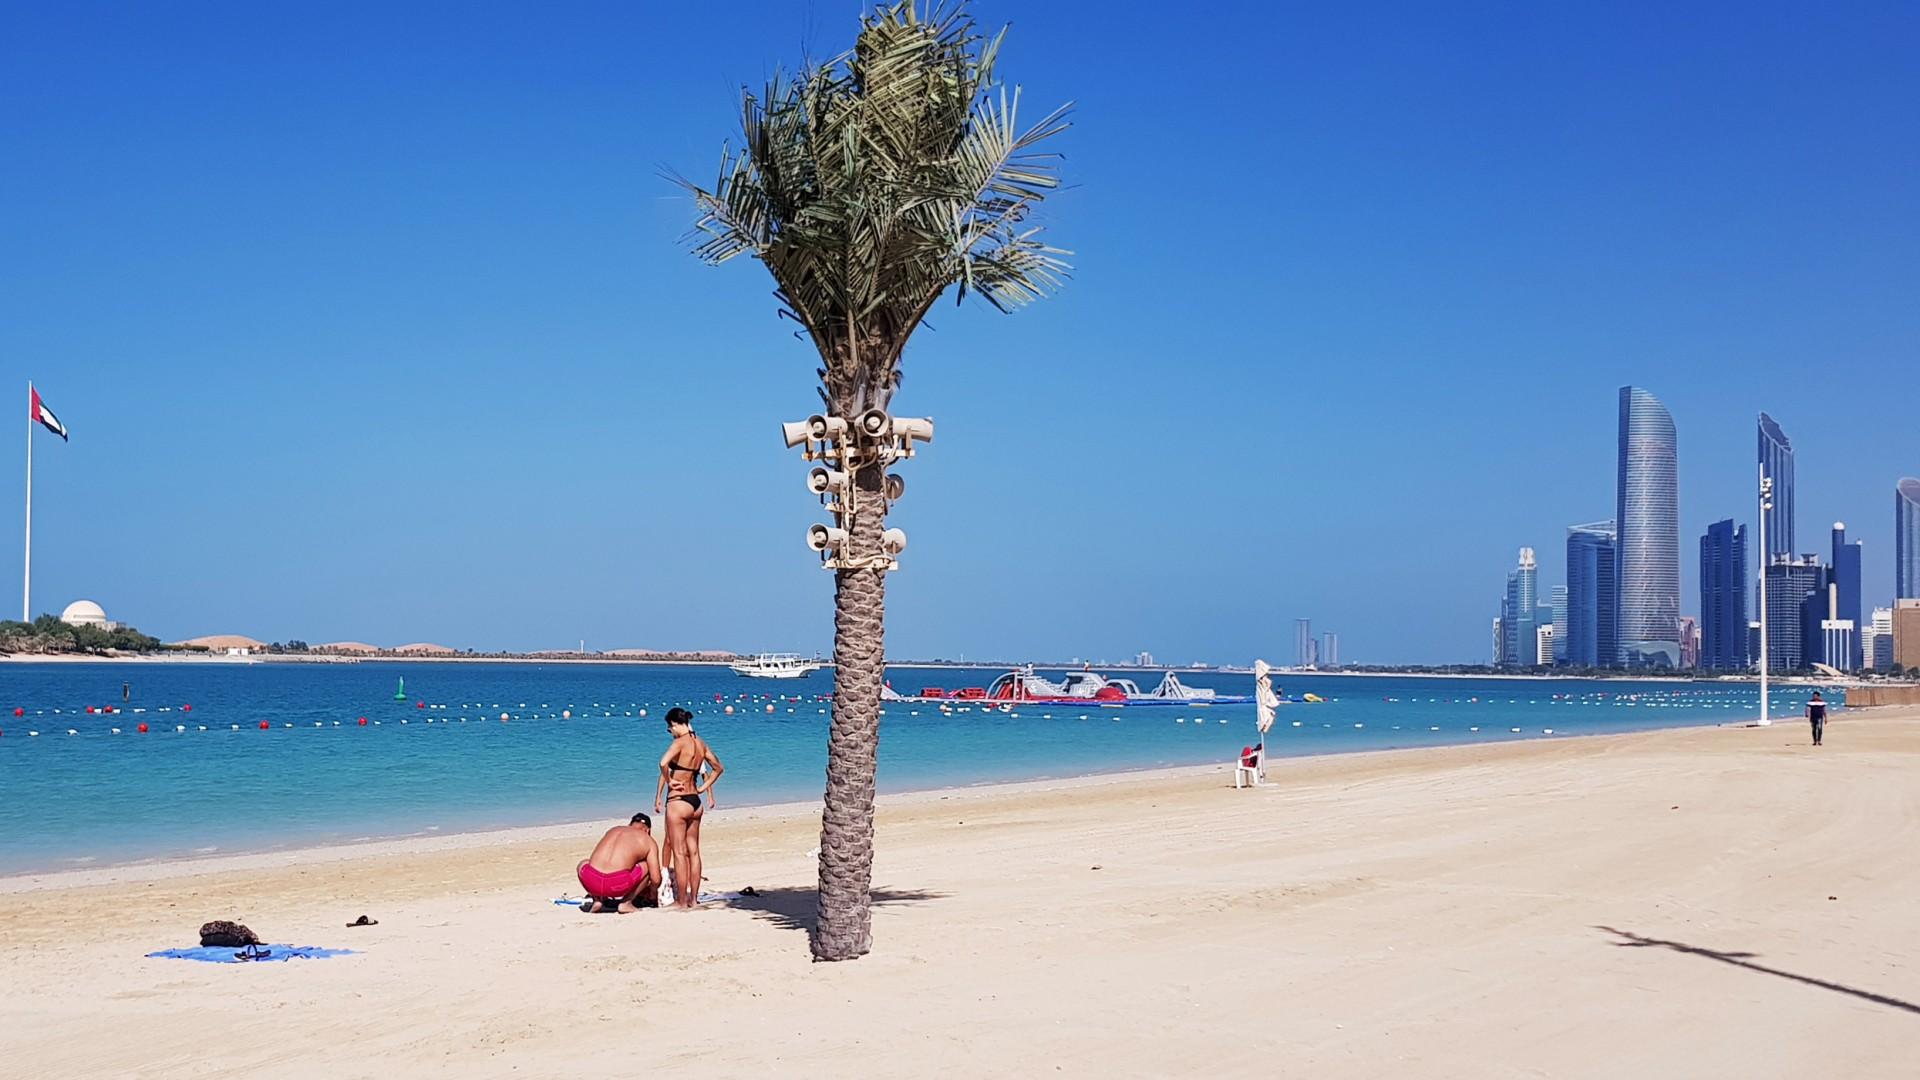 северном гоа лучшие пляжи шарджи фото смотрю них